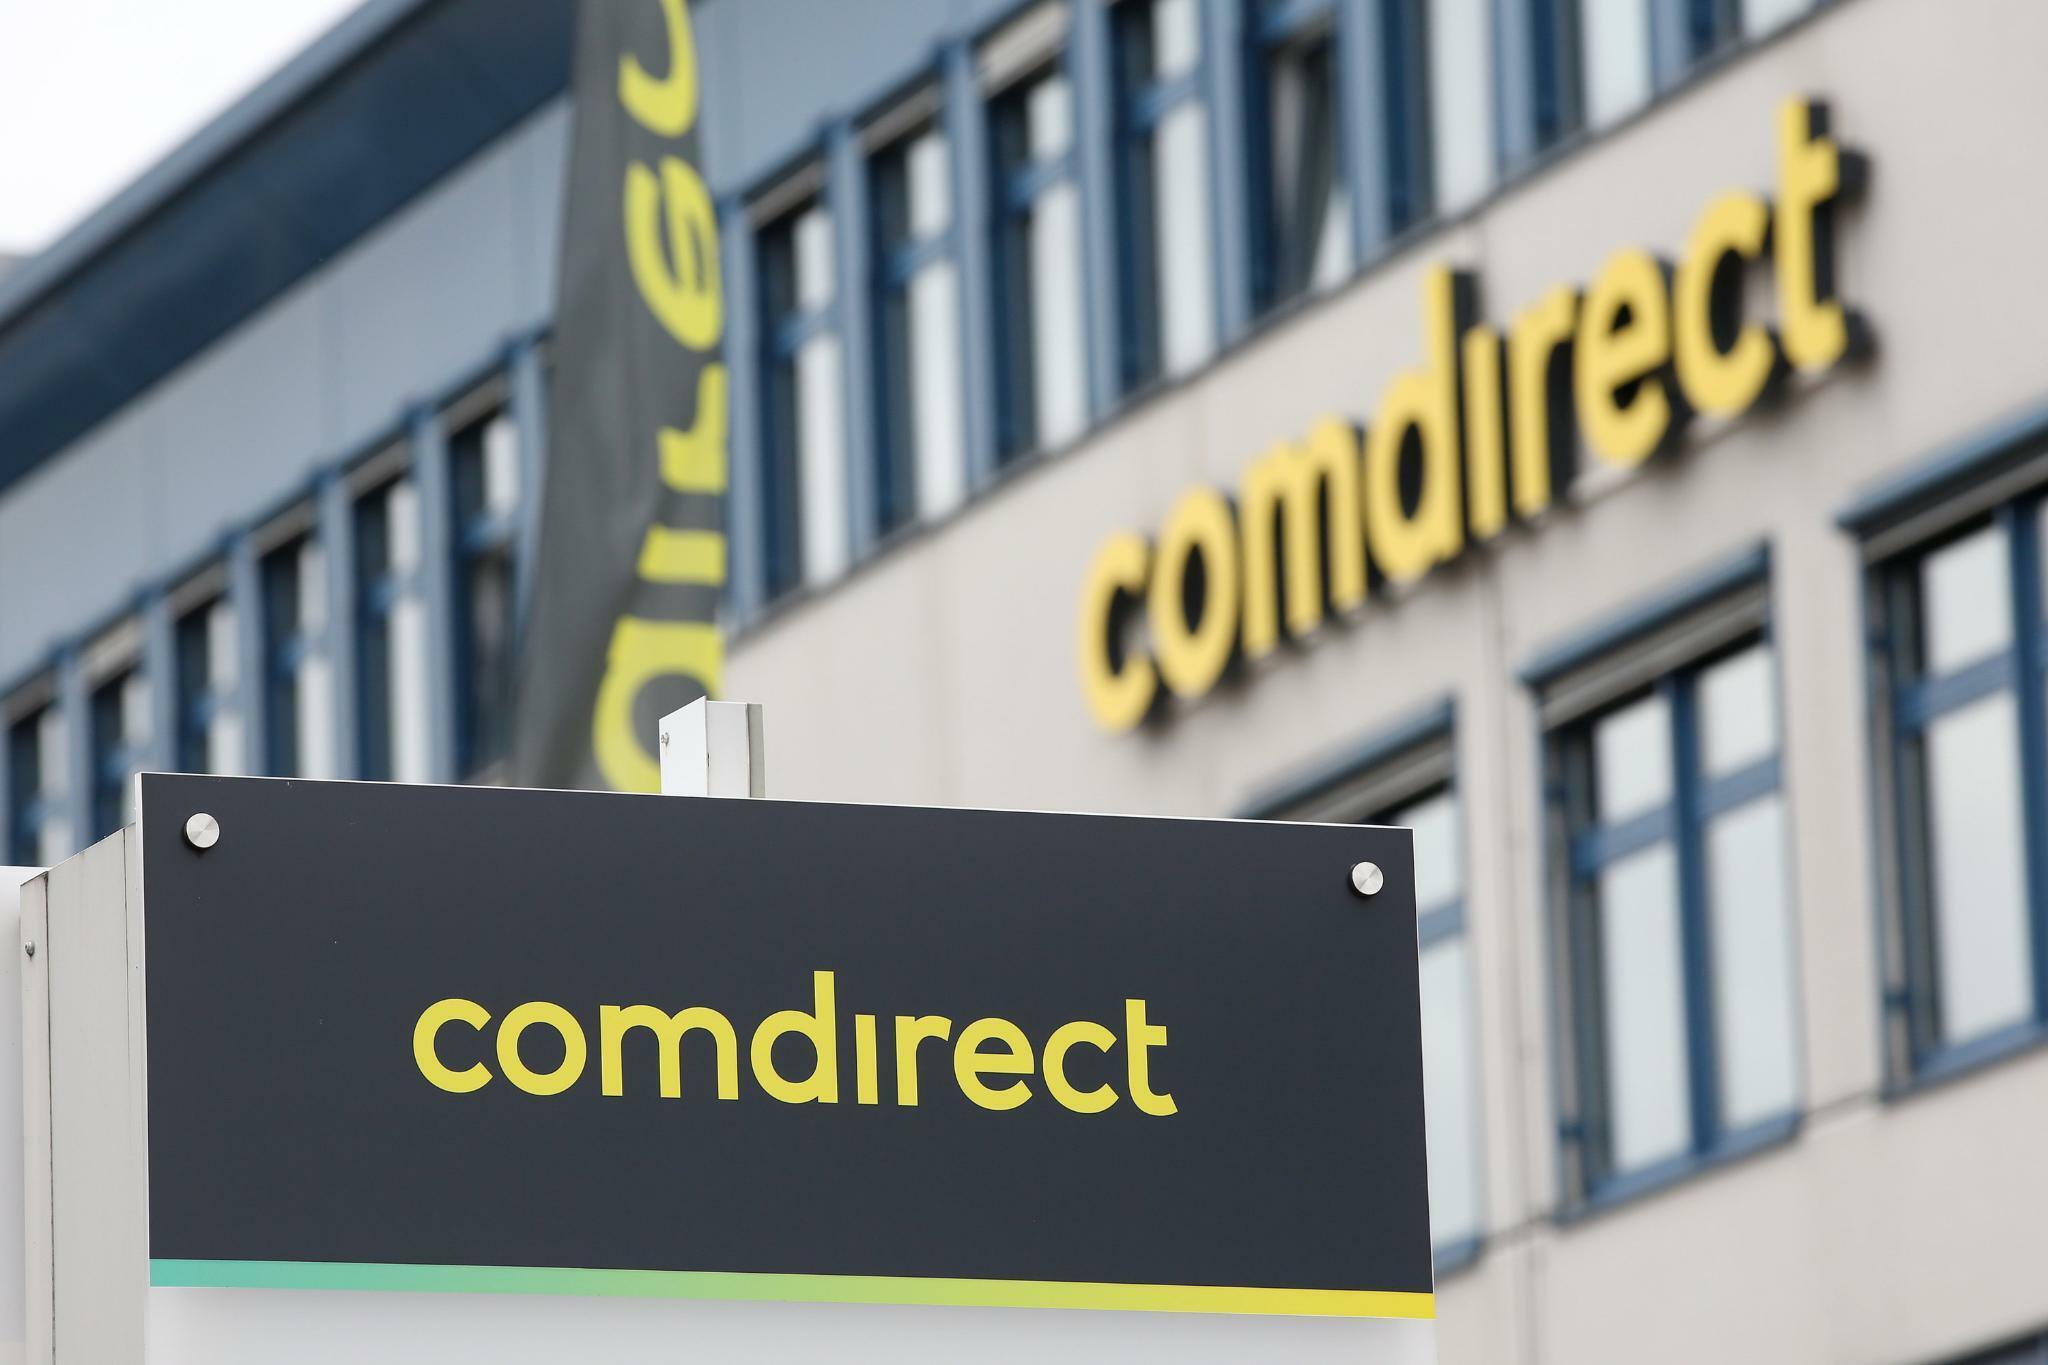 Comdirect Gewinnt So Viele Neue Kunden Wie Seit Zehn Jahren Nicht Mehr